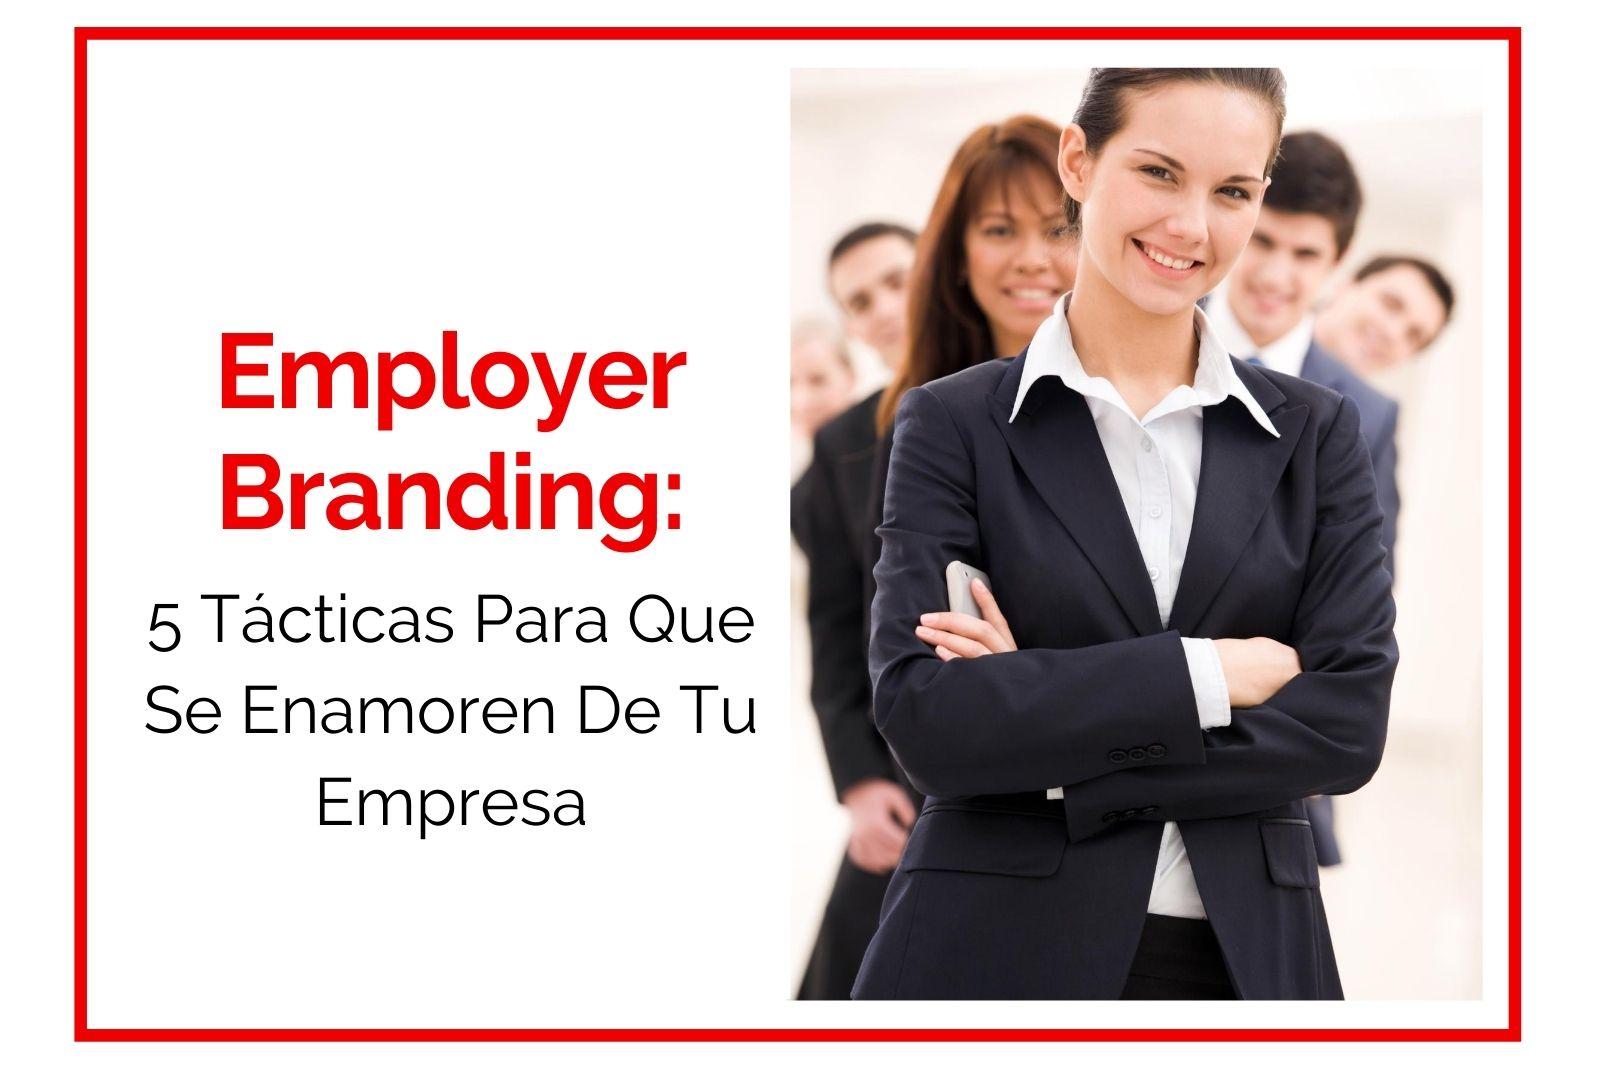 Hector Jimenez - Employer Branding - 5 Tácticas Para Que Se Enamoren De Tu Empresa - 1